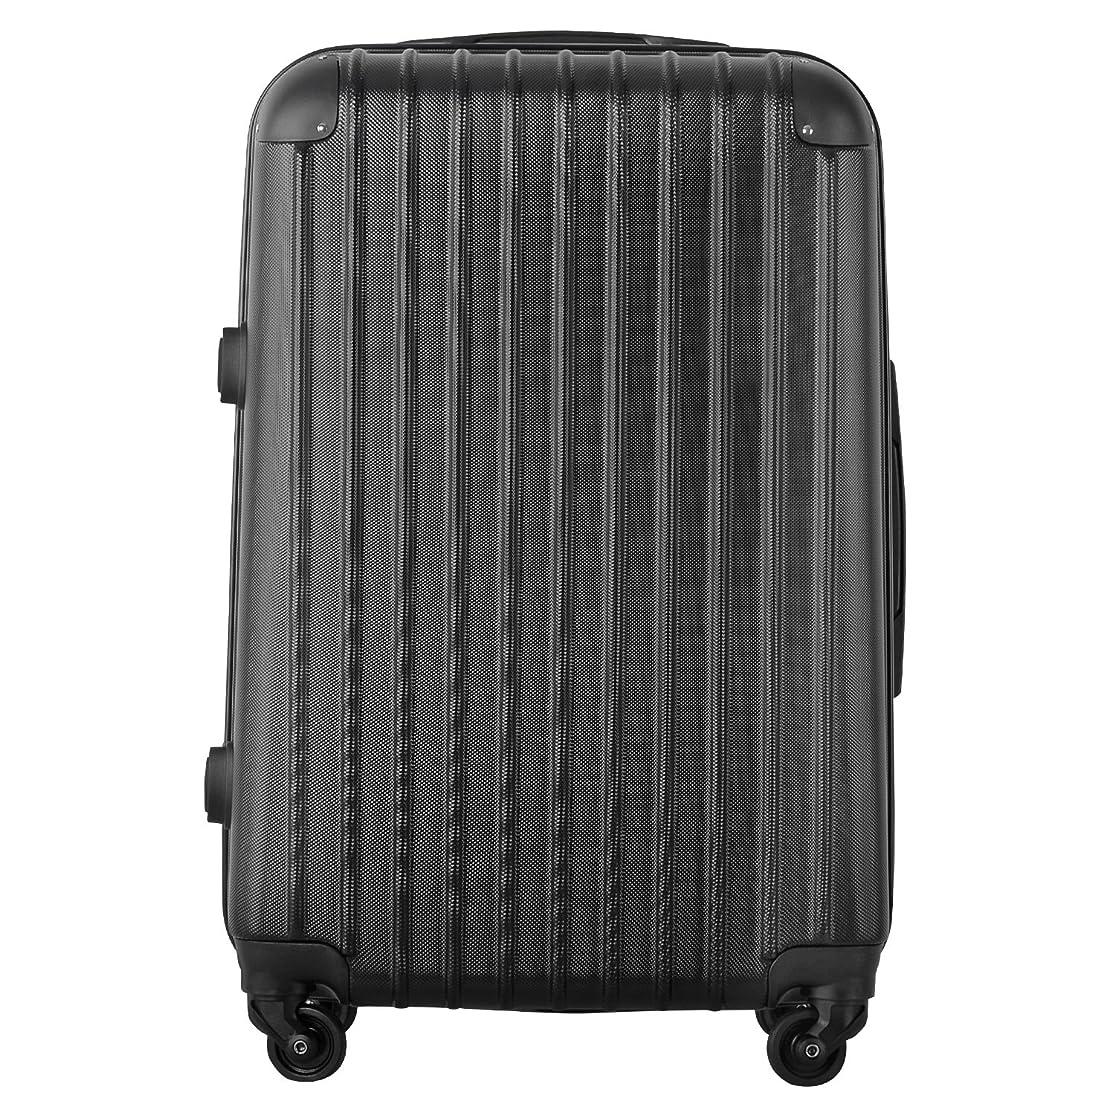 彫刻遠征始める【レセナ】RESENA スーツケース 超軽量 キャリーケース ファスナー ABS 静音キャスター おしゃれ かわいい 旅行 出張